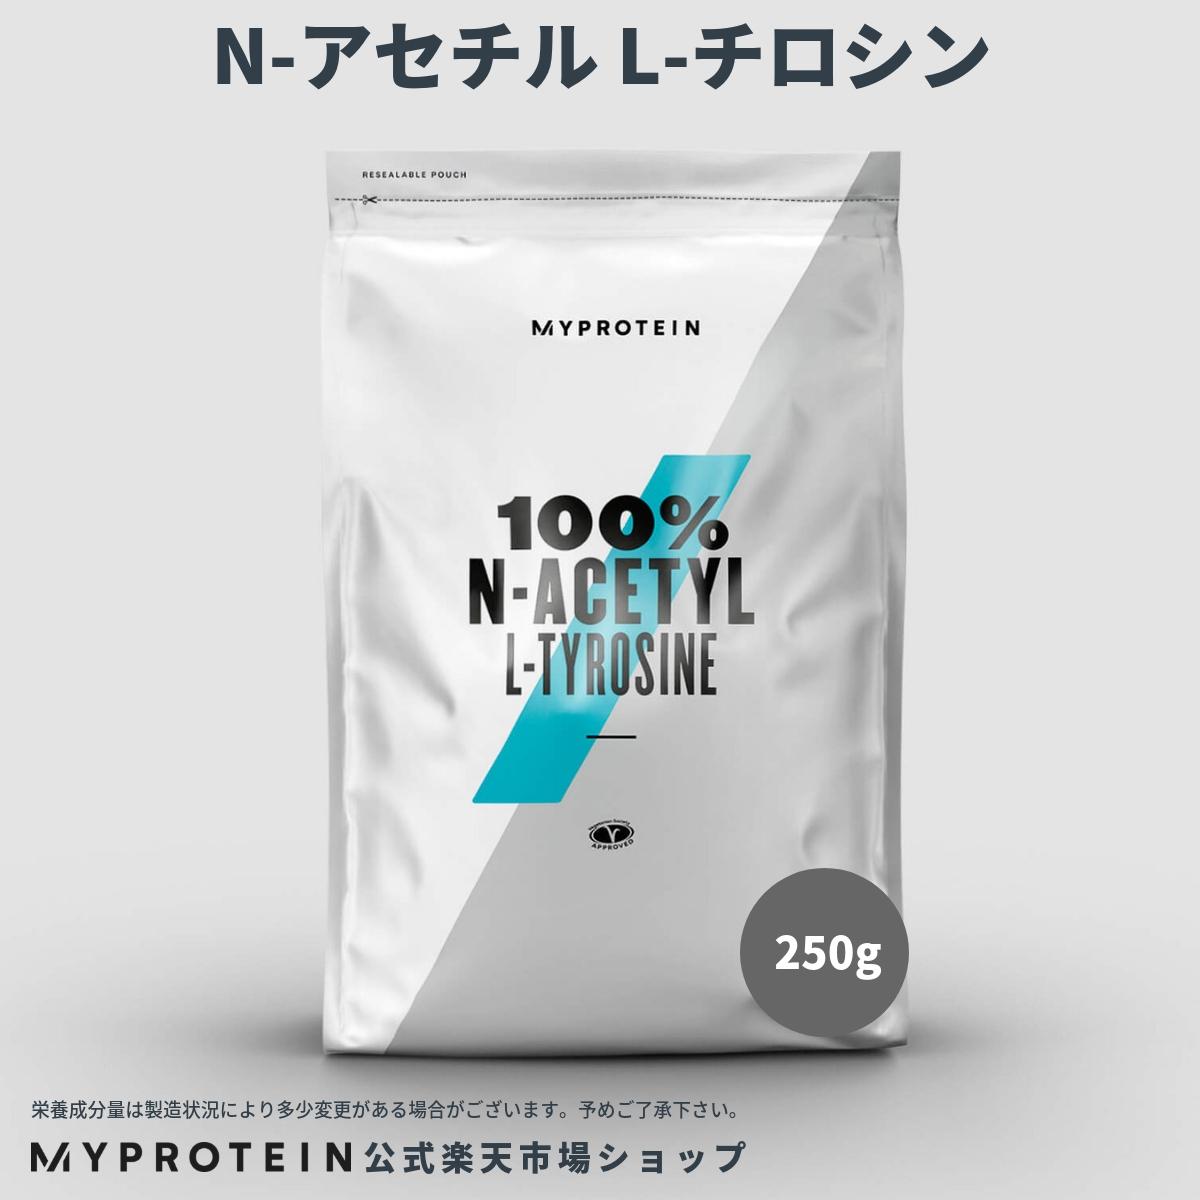 マイプロテイン 公式 【MyProtein】 N-アセチル L-チロシン 250g 約833食分| サプリメント サプリ チロシン 栄養補助食品 栄養補助 アミノ酸 あみの酸 スポーツサプリ【楽天海外直送】